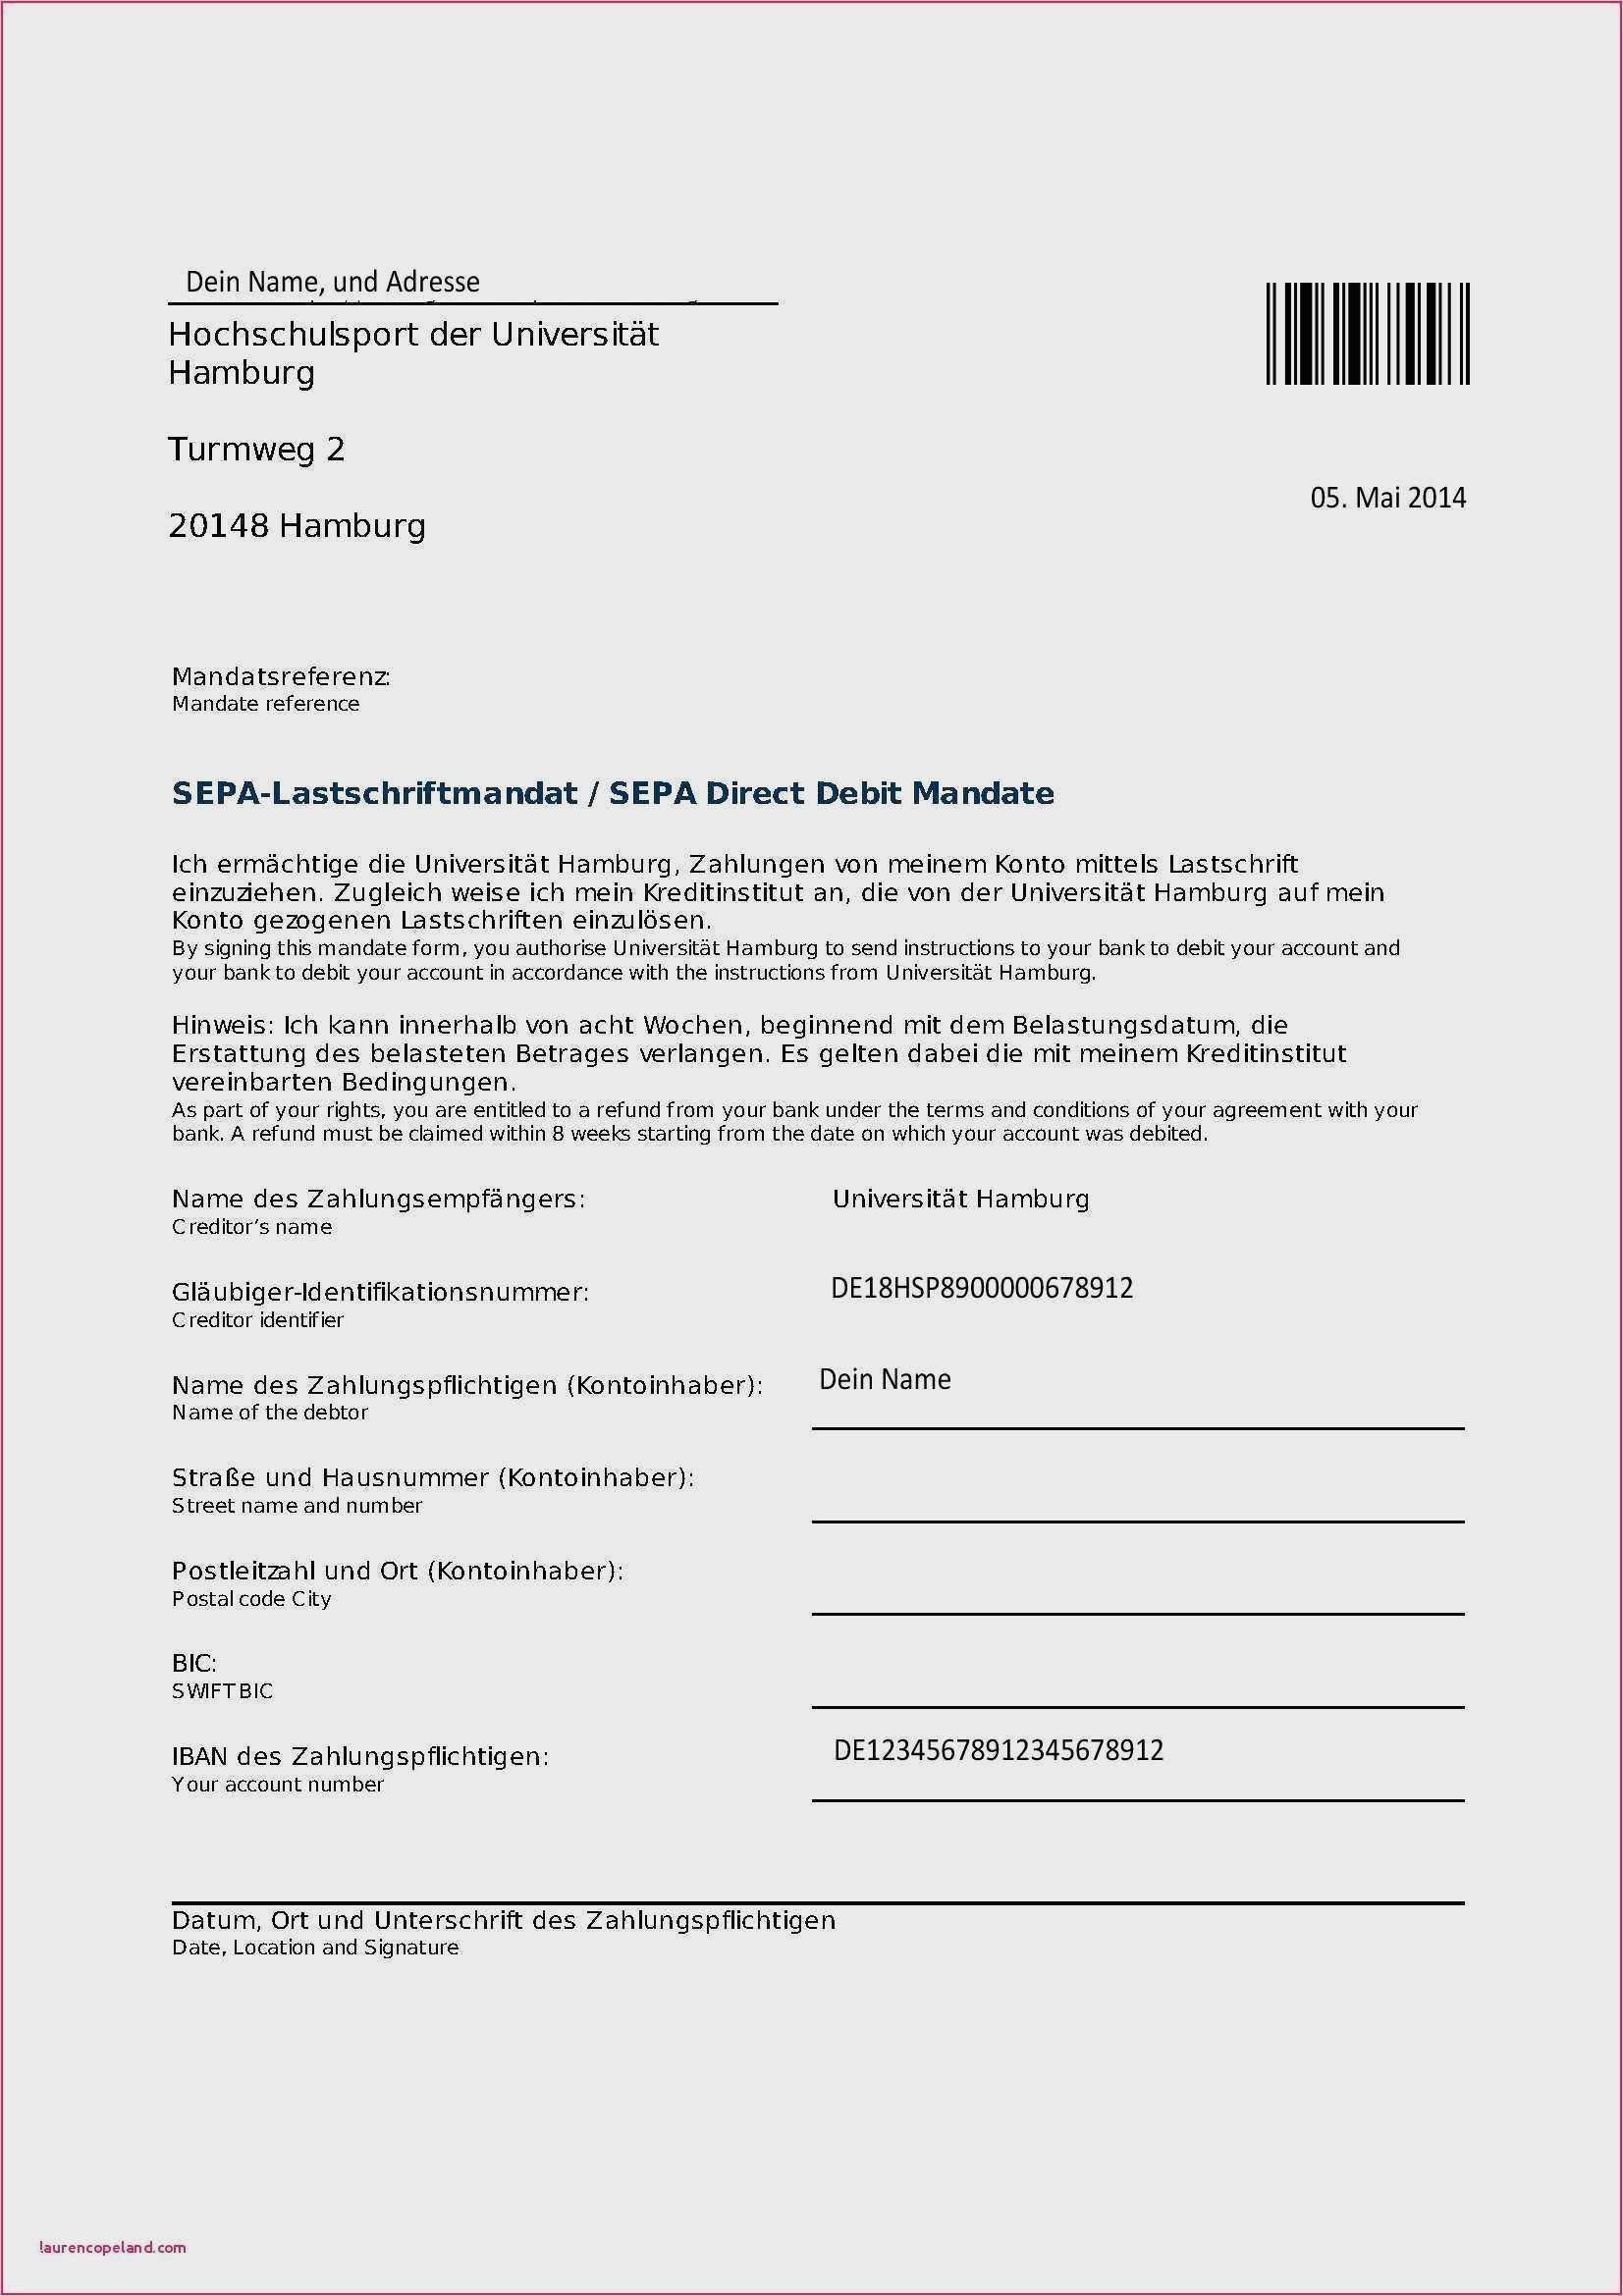 48 Bewundernswert Sepa Lastschriftmandat Vorlage Sparkasse Jene Konnen Einstellen In Ms Word Vorlagen Word Sparkasse Vorlagen